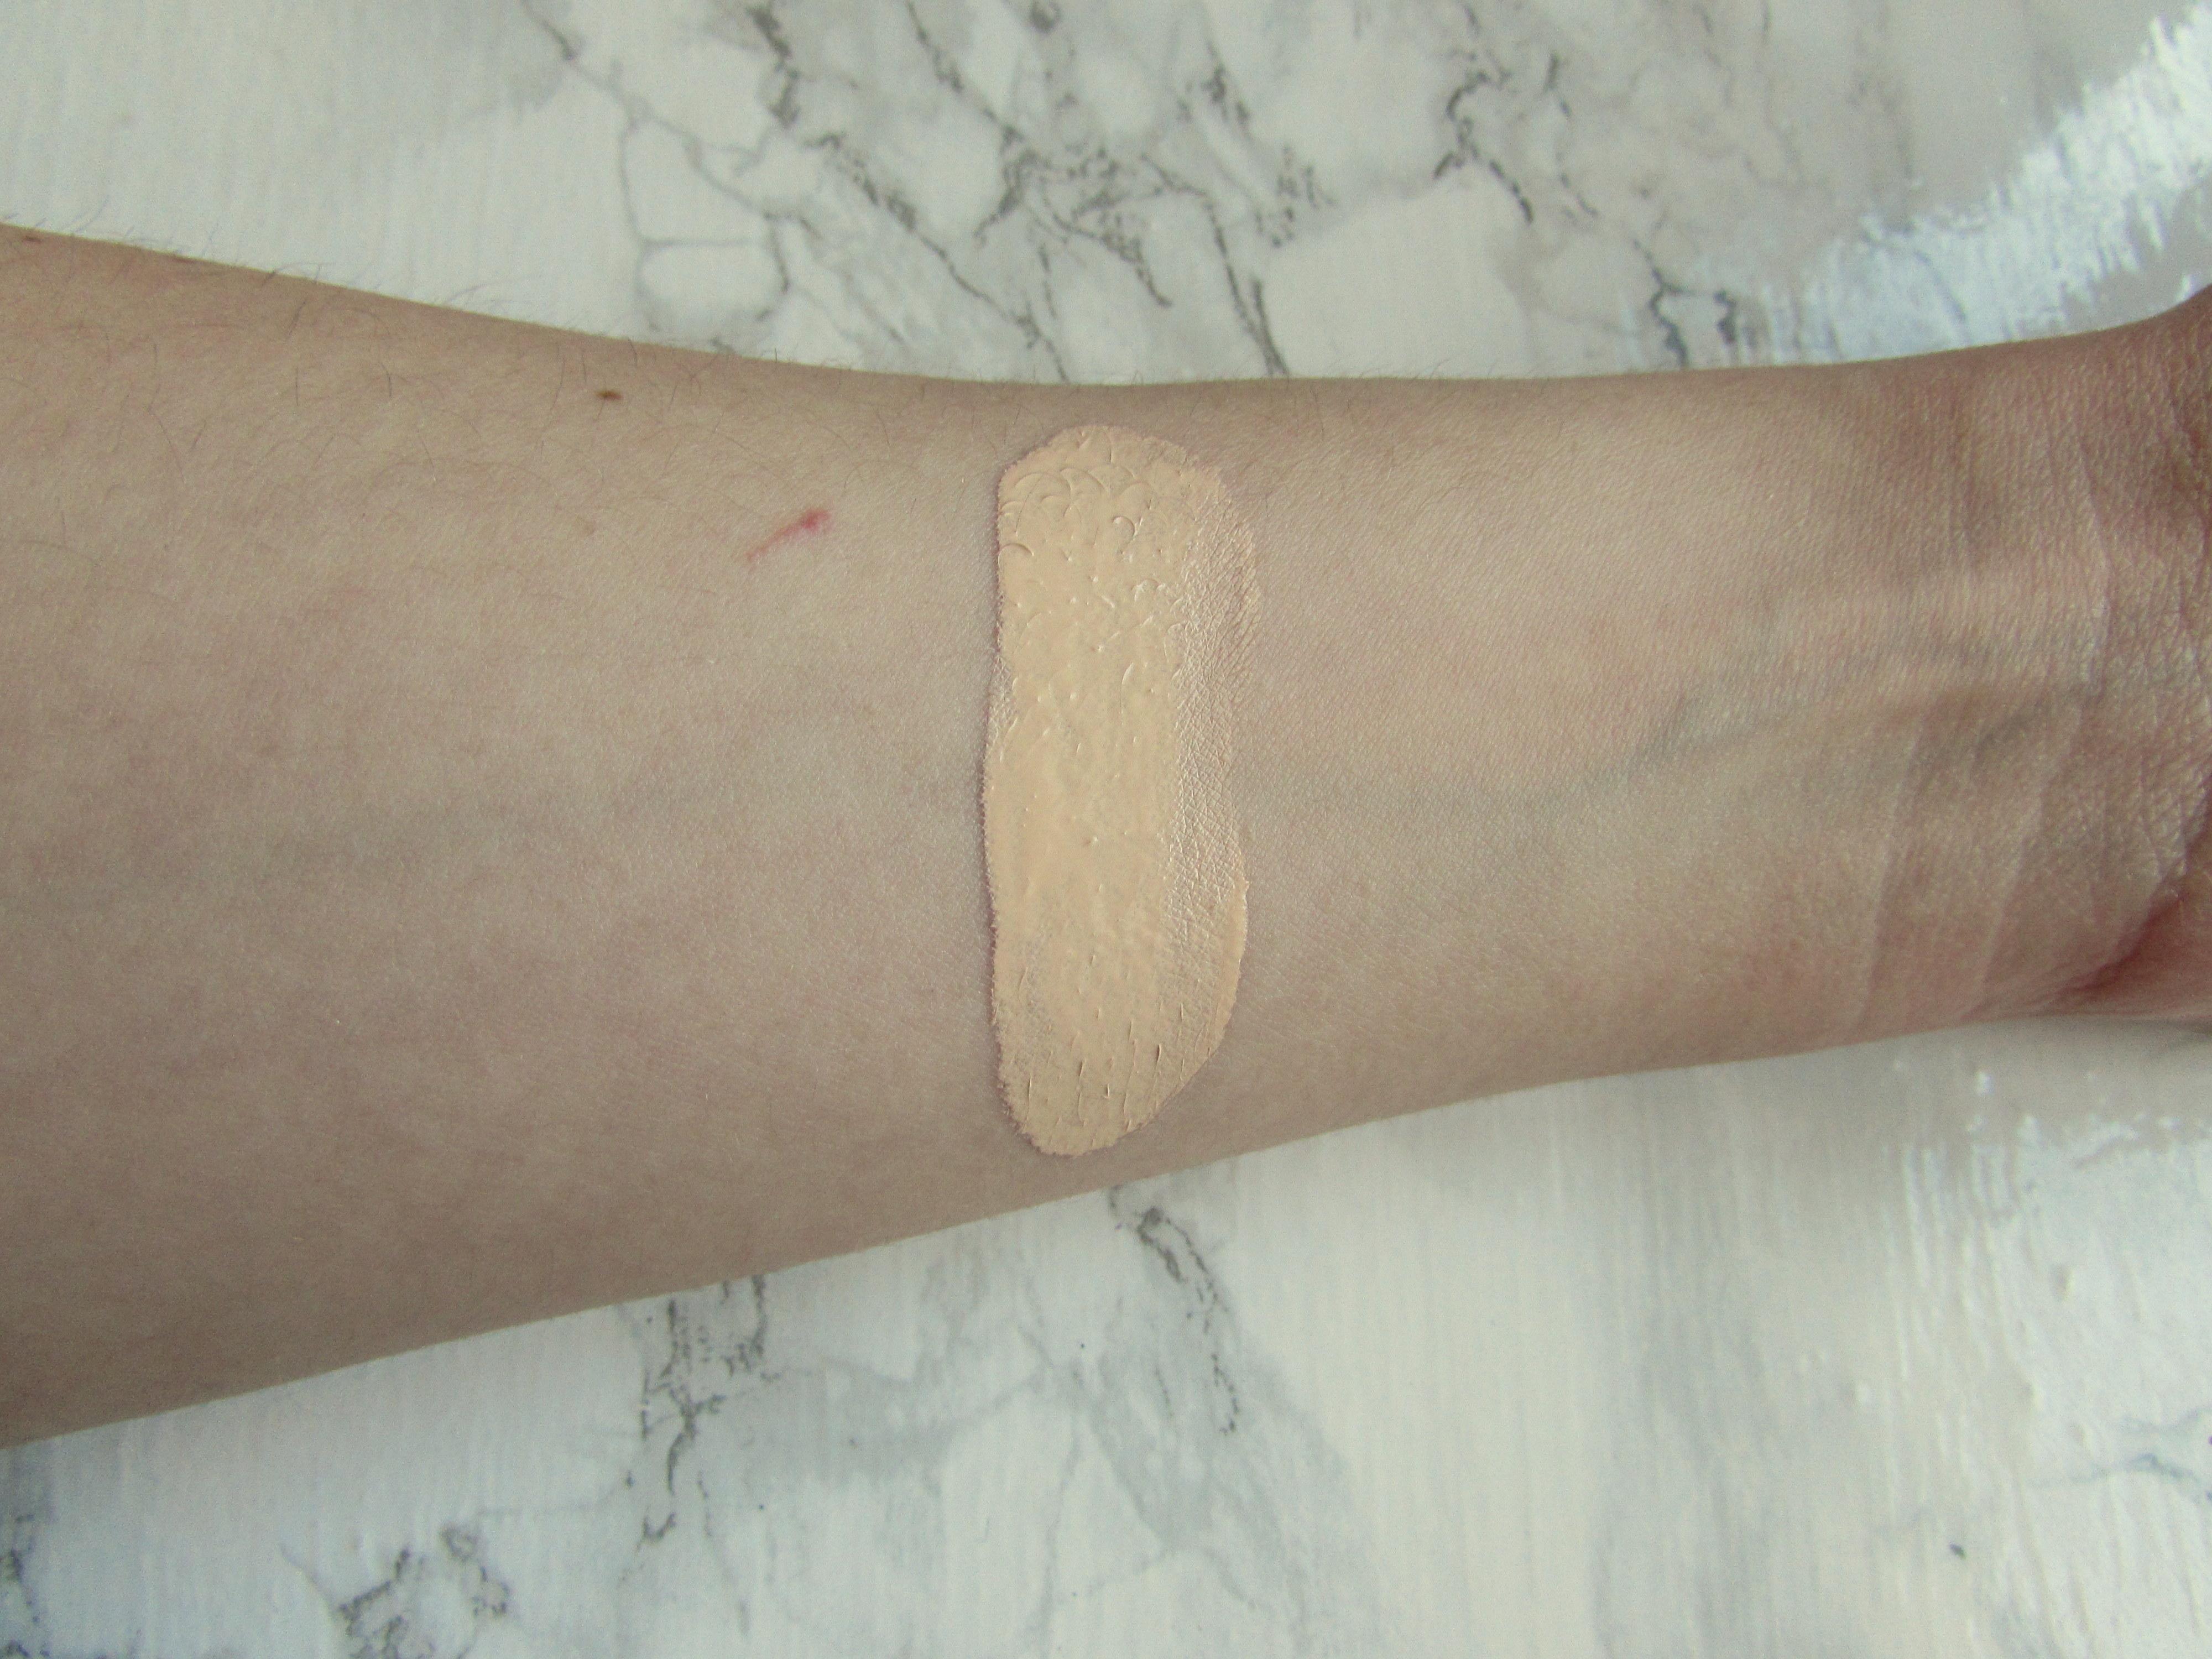 Pro Filt R Hydrating Longwear Foundation By Fenty Beauty